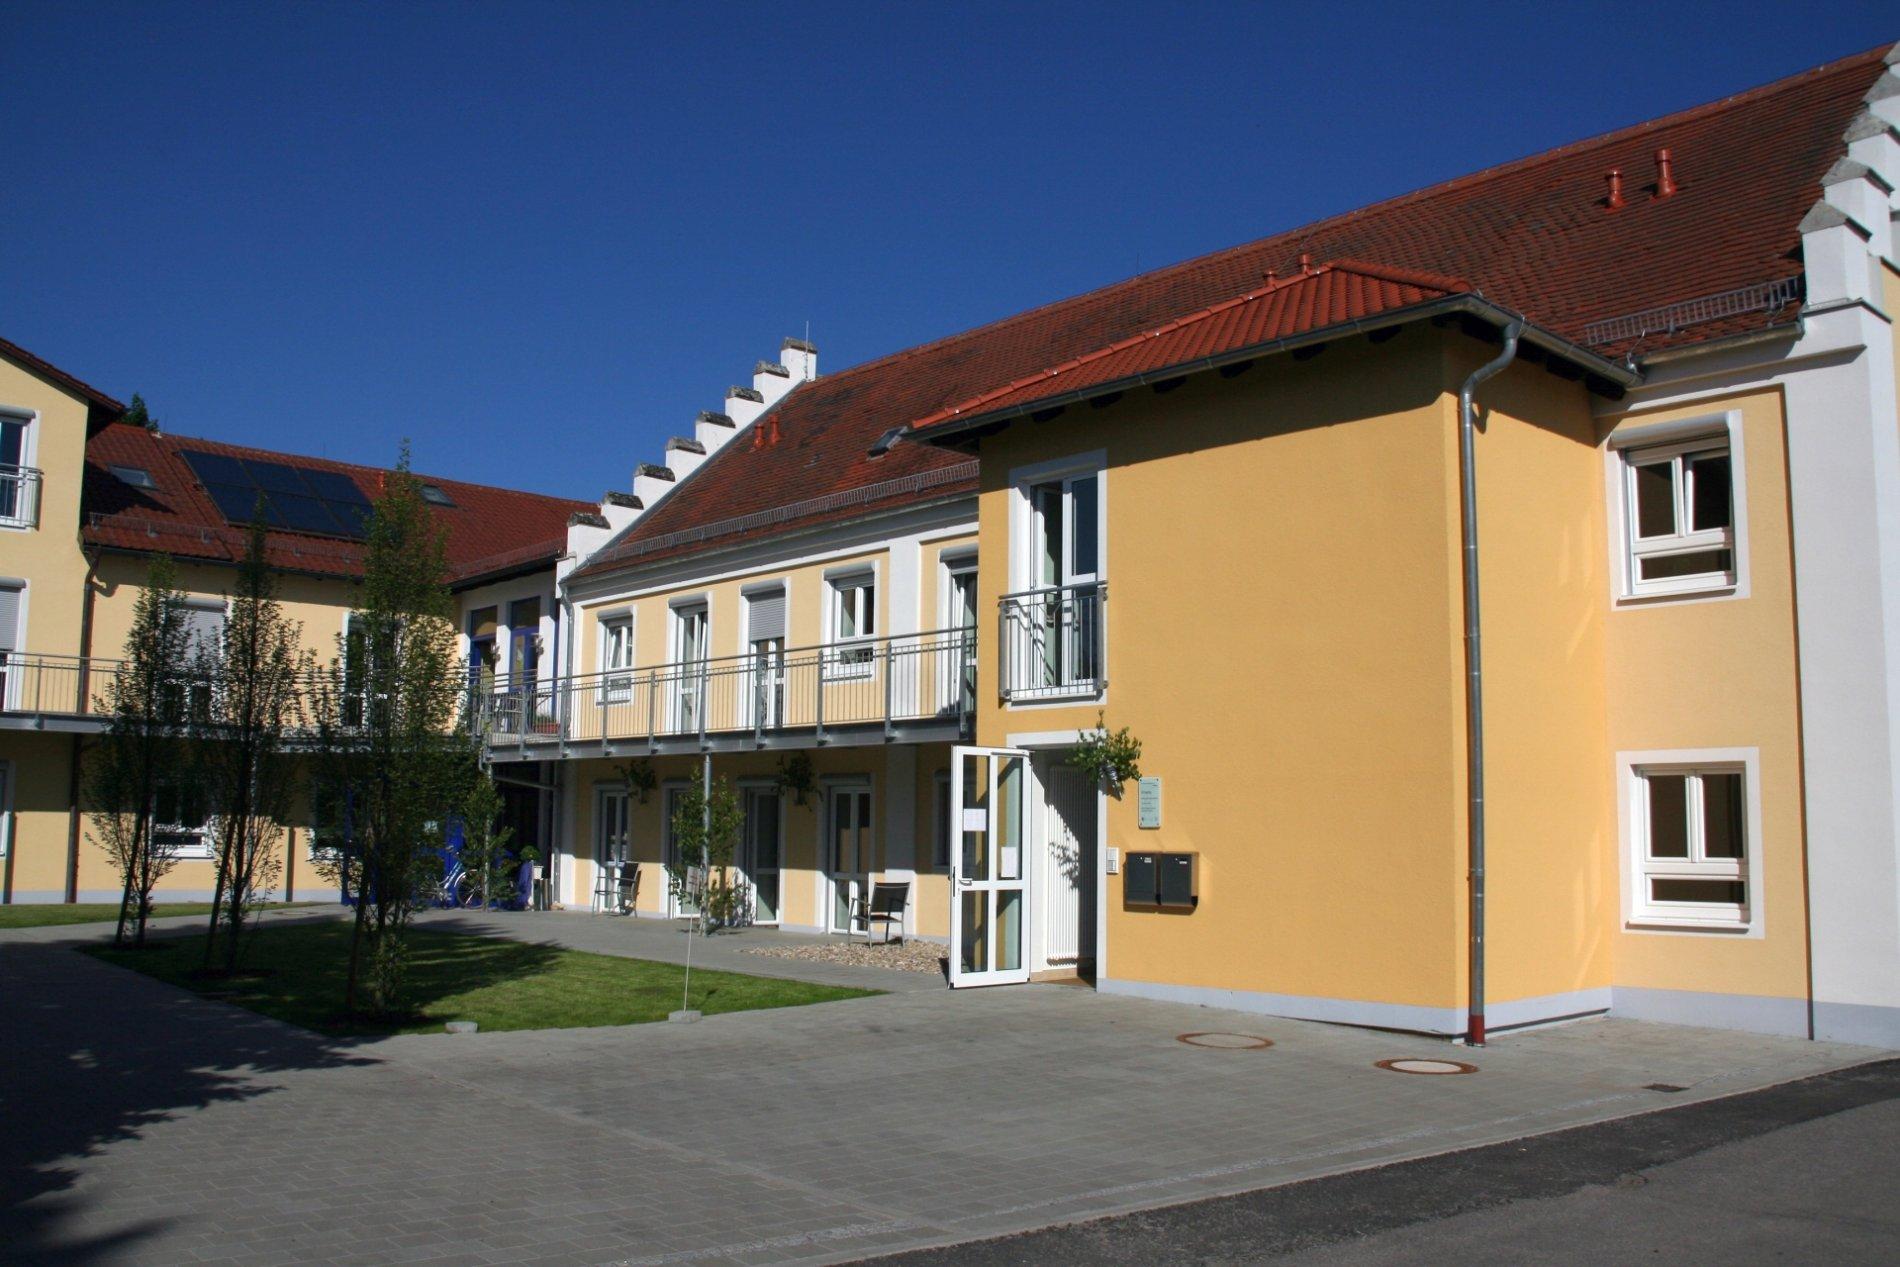 Mehrgenerationenhaus in Langquaid